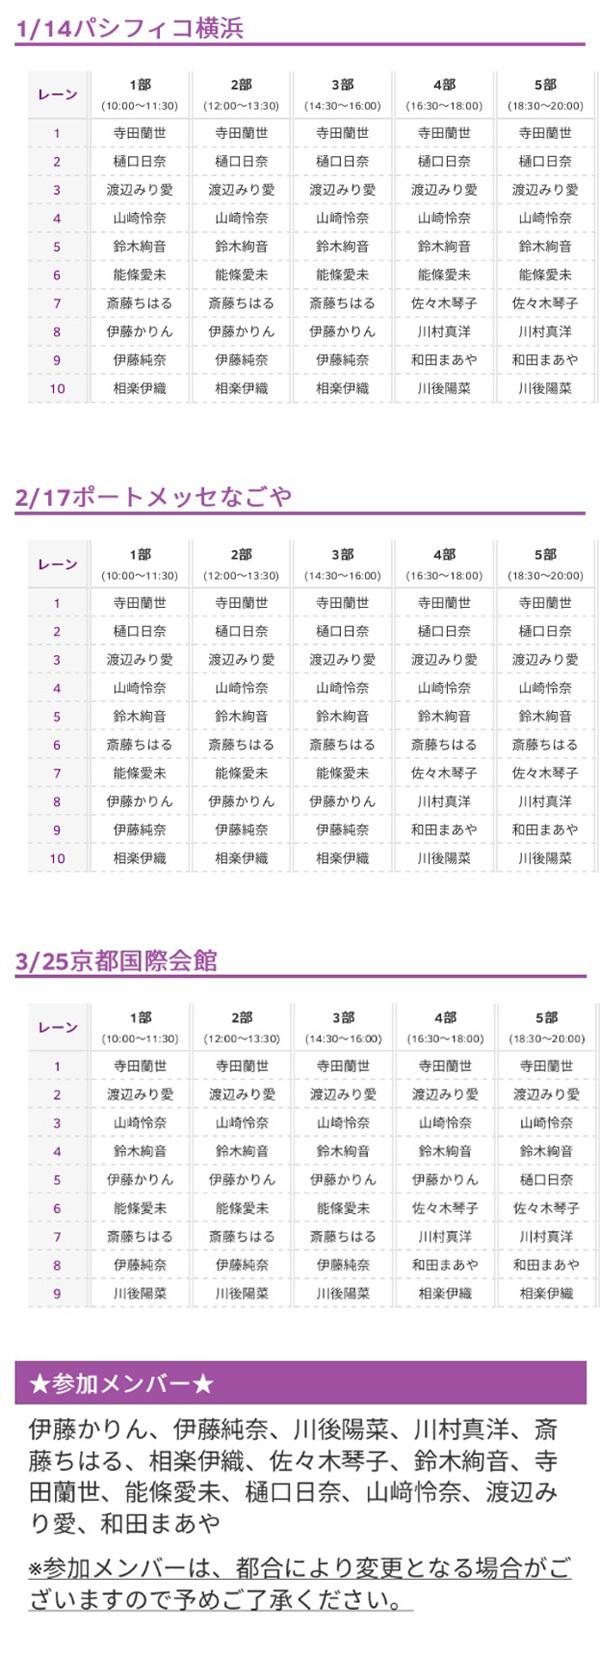 乃木坂46アンダーアルバム部数とレーン表